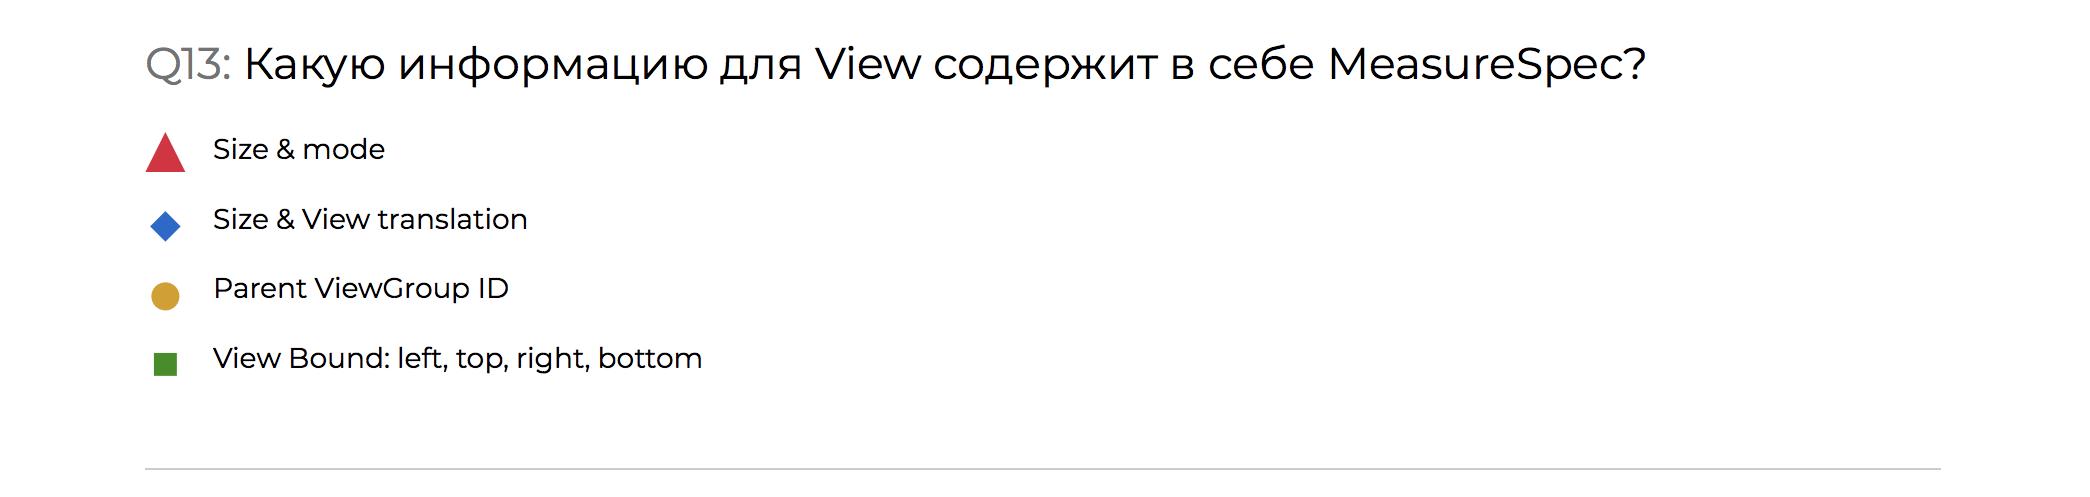 Разбор конкурса-квиза по Android со стенда HeadHunter на Mobius 2018 Moscow - 28